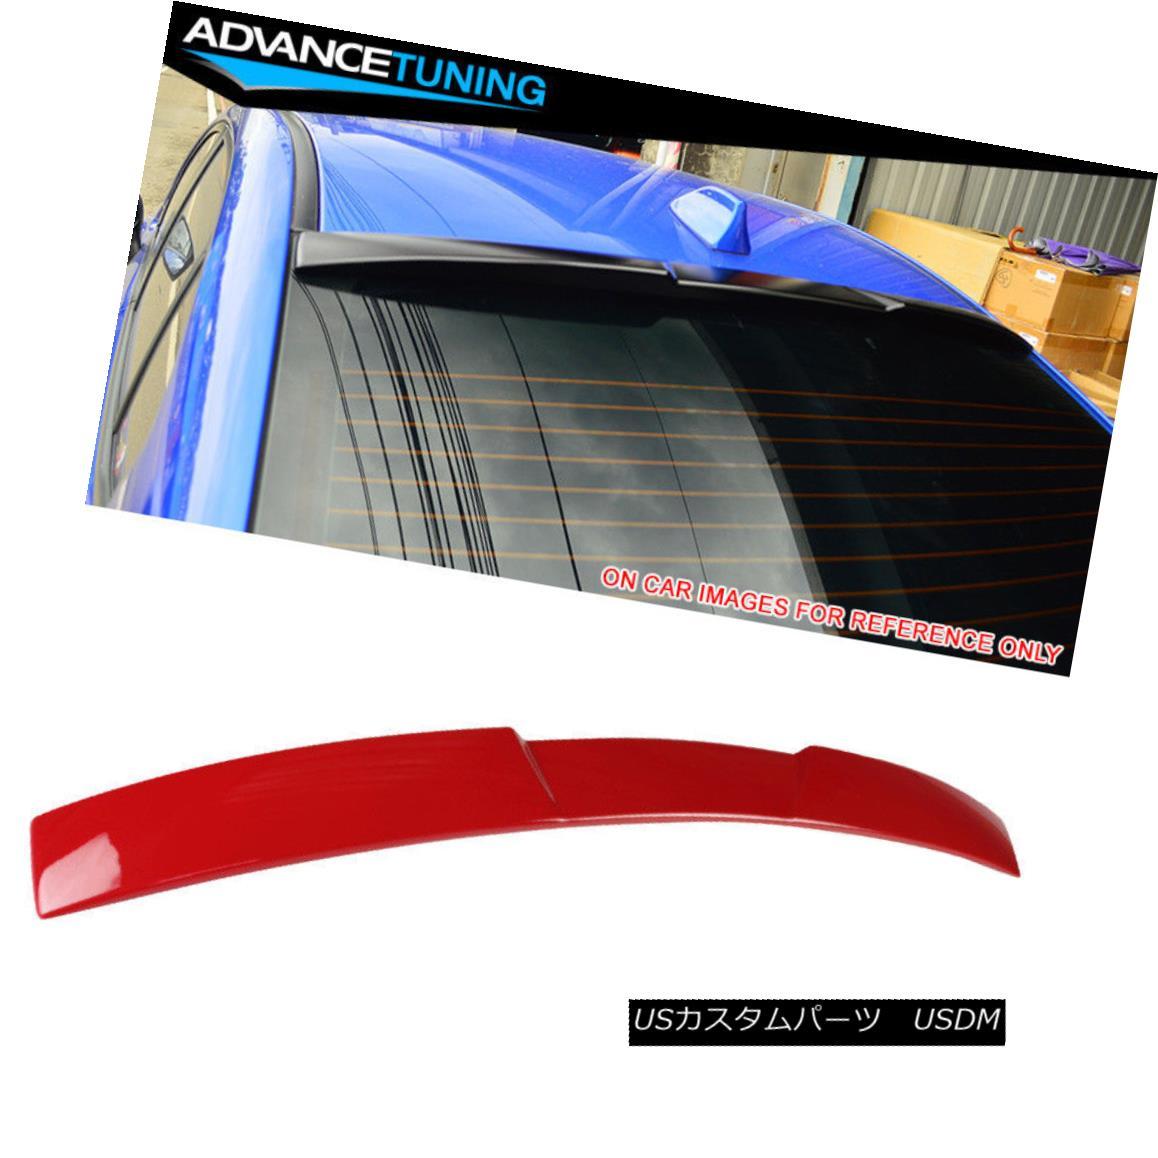 エアロパーツ Fits 15-18 Impreza WRX STI V Style Roof Spoiler OEM Painted Color #M7Y Pure Red フィット15-18インプレッサWRX STI VスタイルルーフスポイラーOEM塗装カラー#M7Yピュアレッド